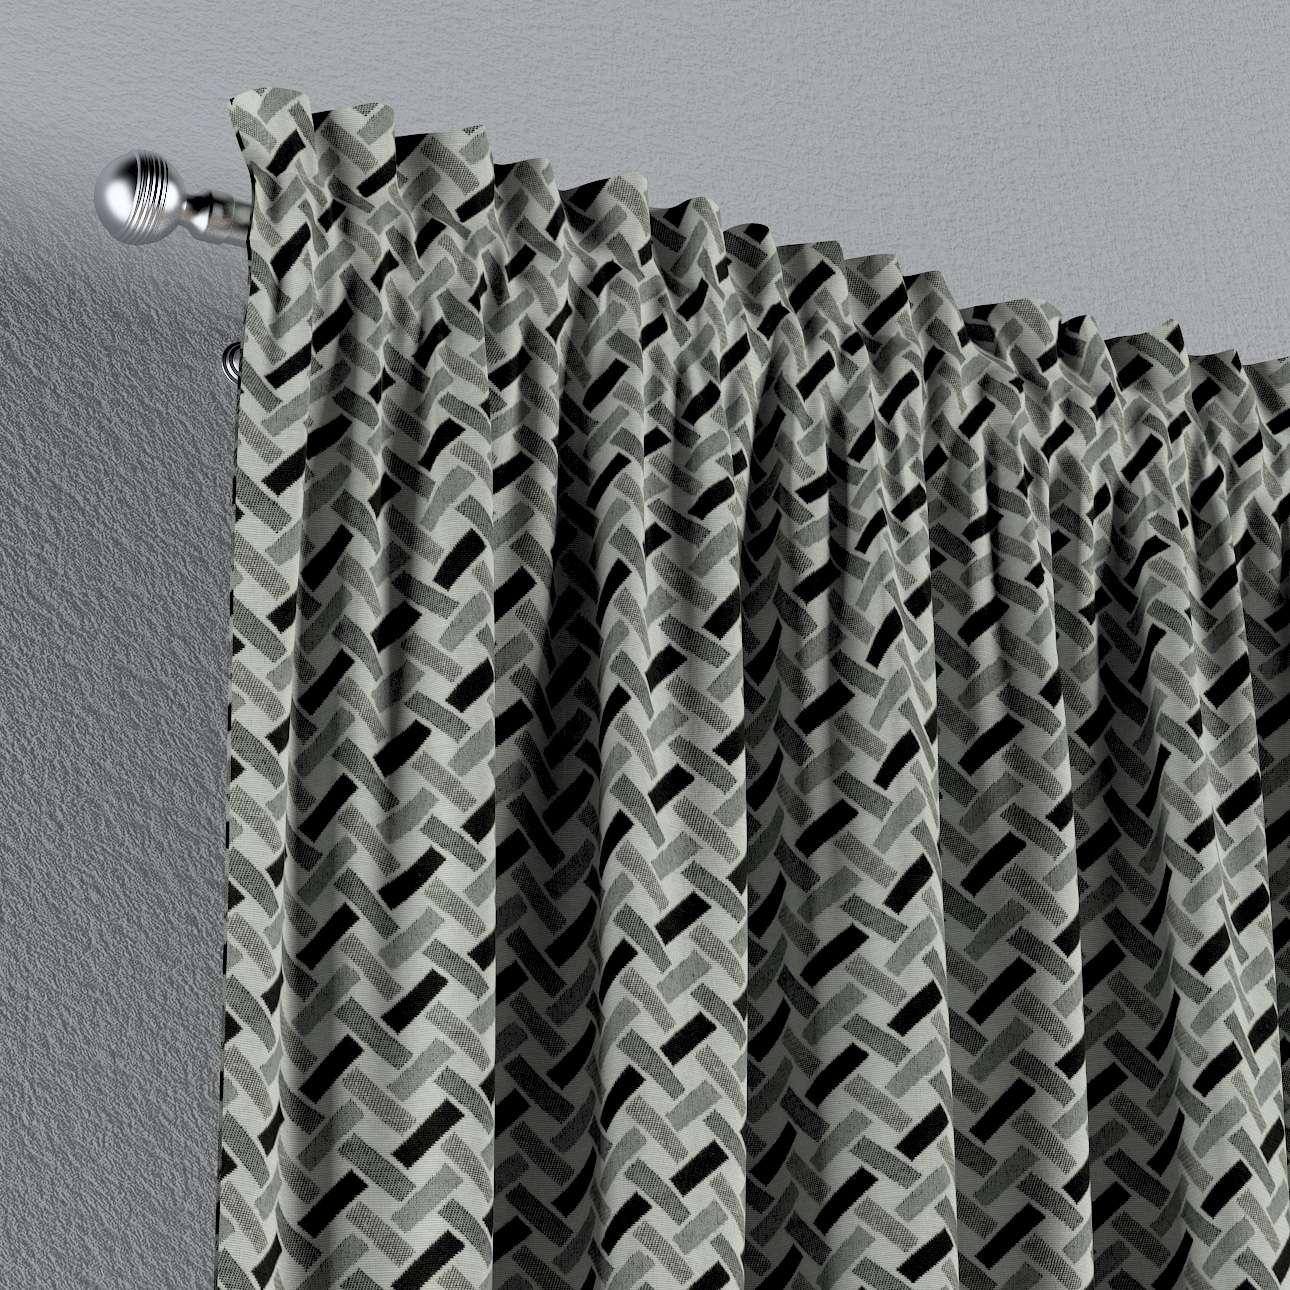 Gardin med løbegang - multibånd 1 stk. fra kollektionen Black & White, Stof: 142-78